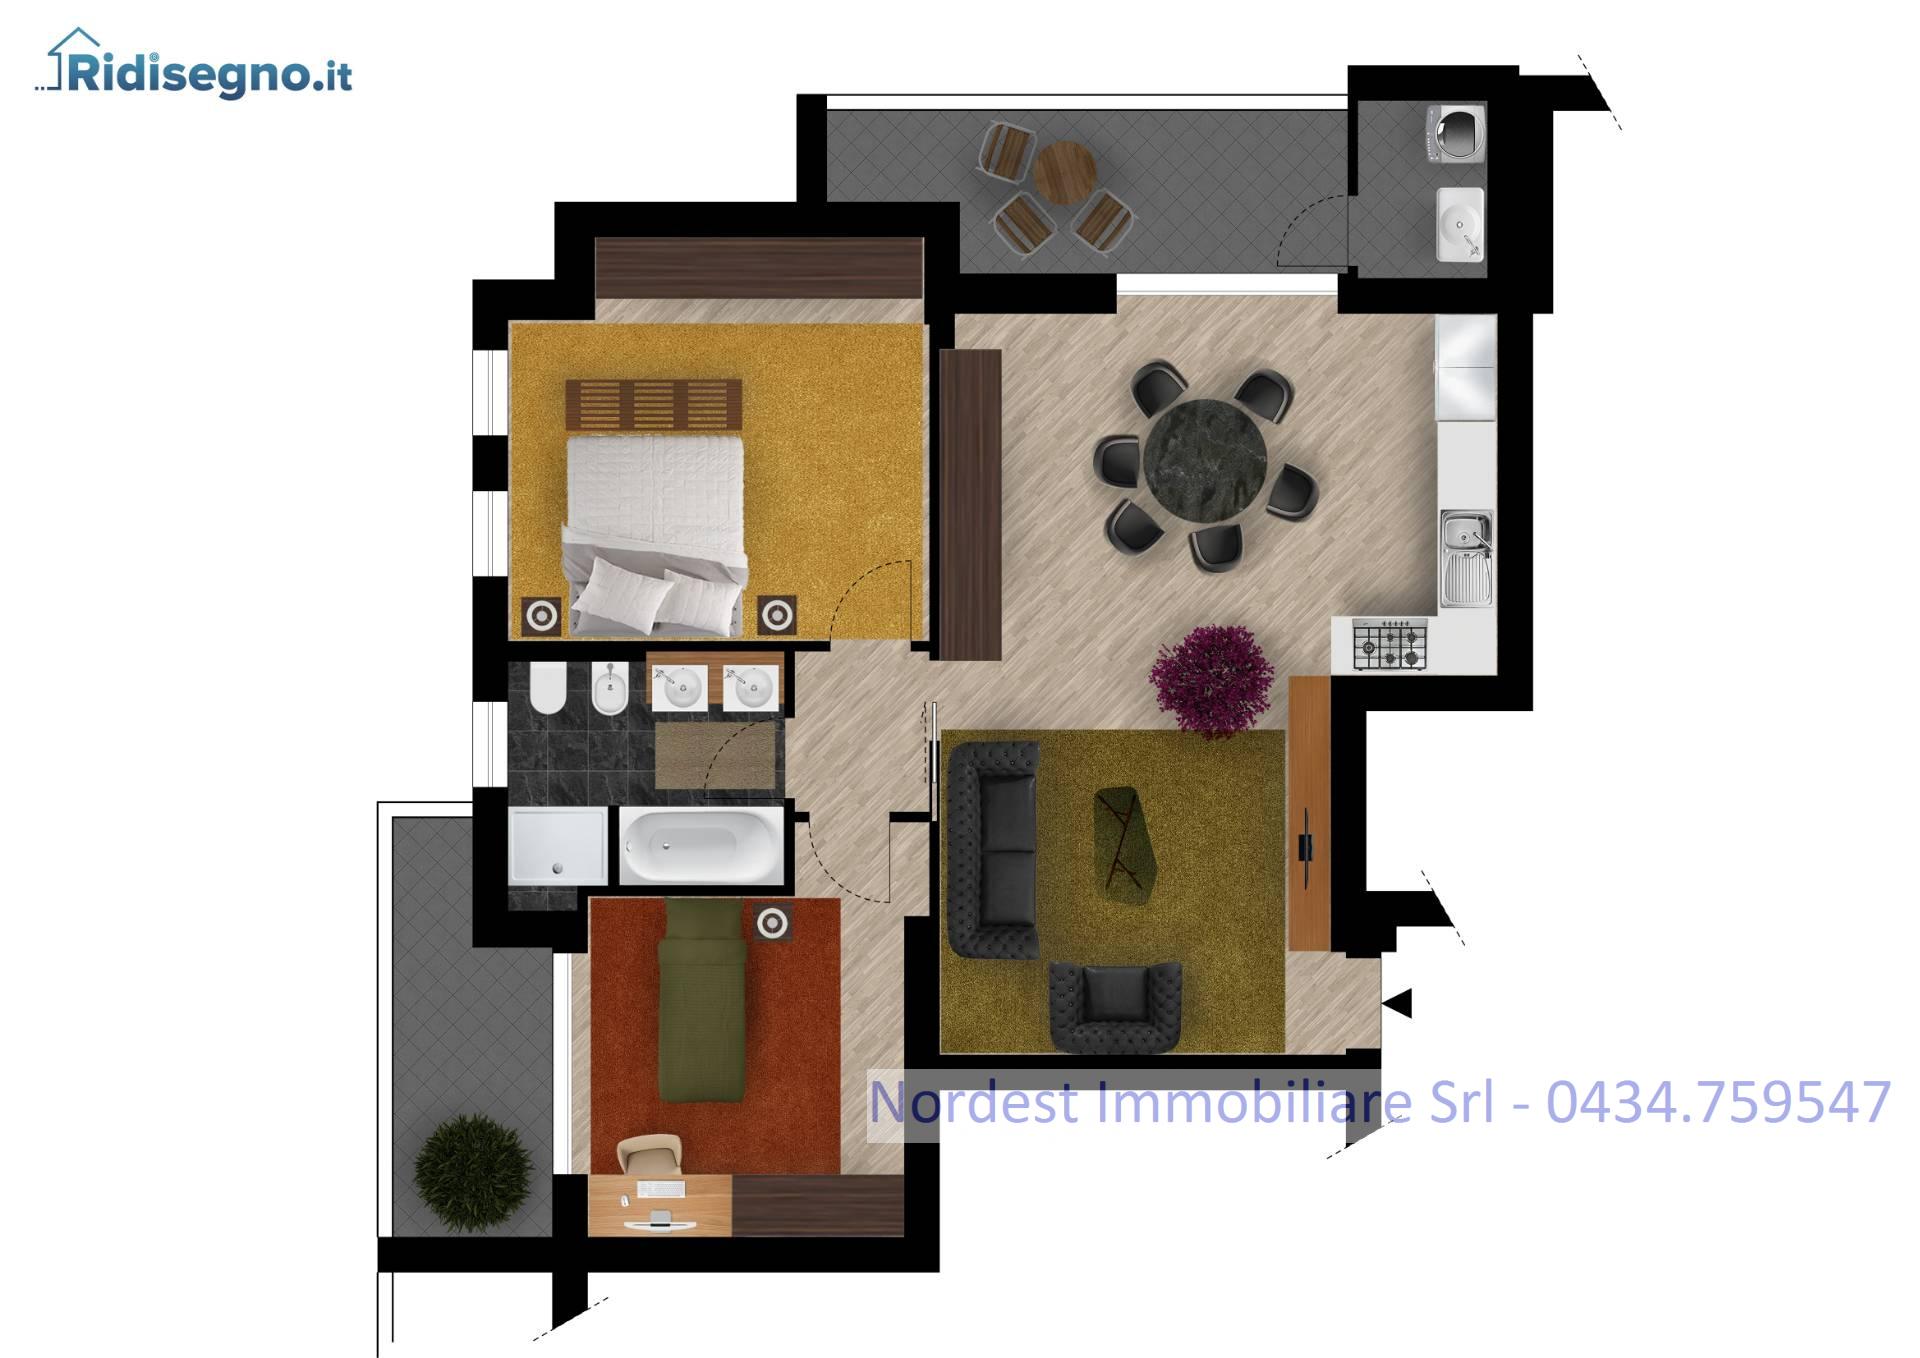 Foto - Appartamento In Vendita Codogne' (tv)